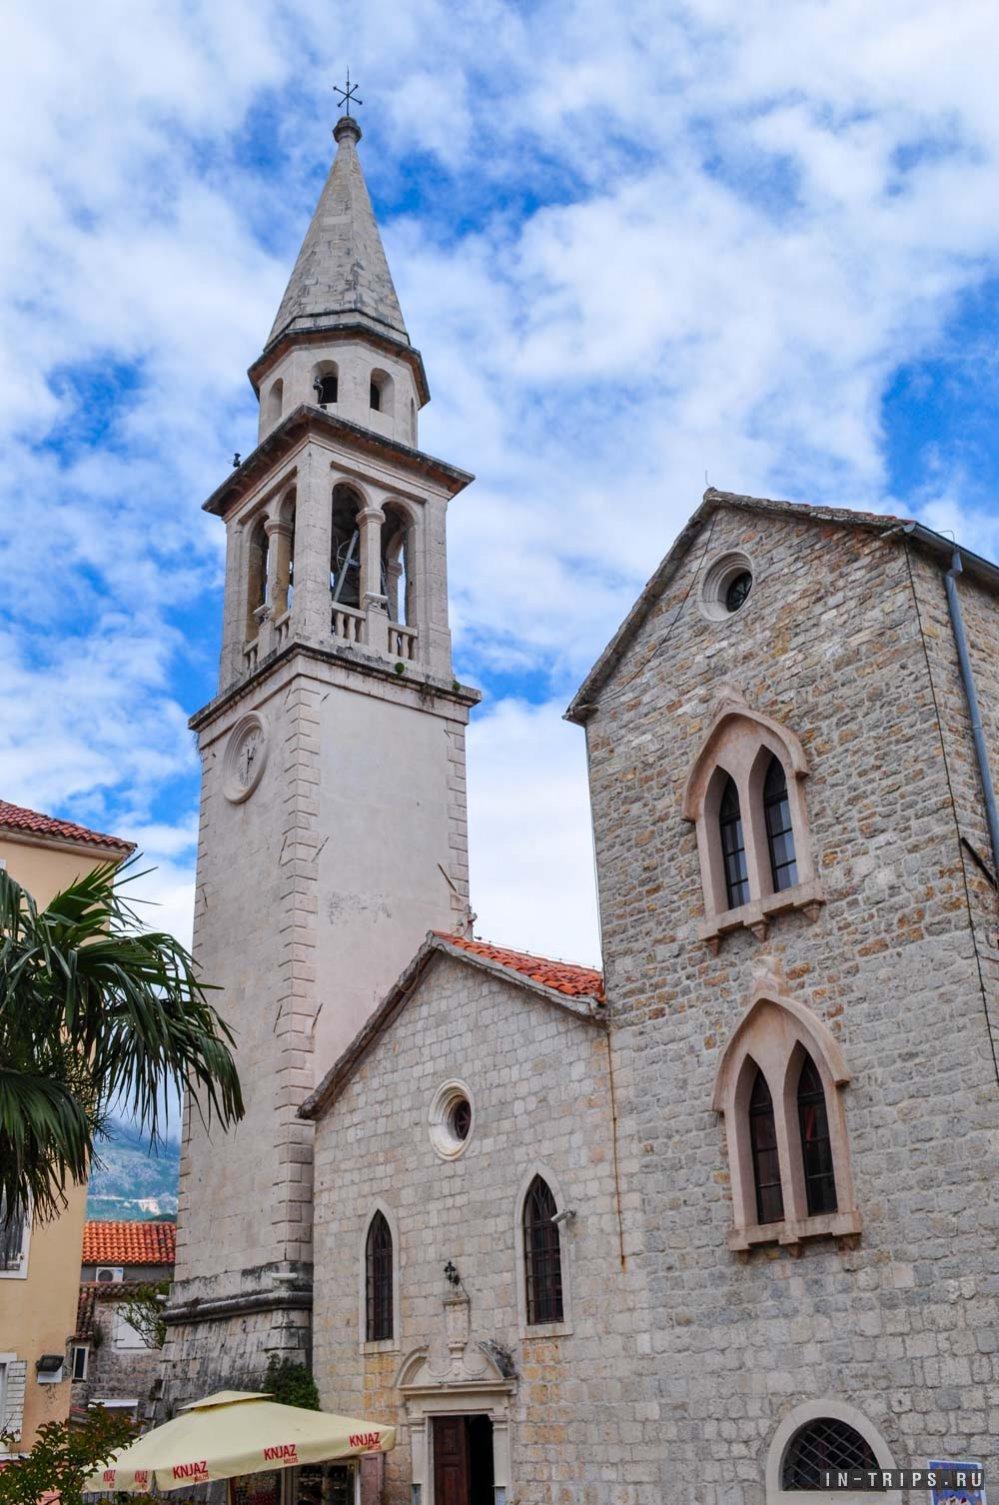 Собор Святого Иоанна Крестителя в Старом городе.